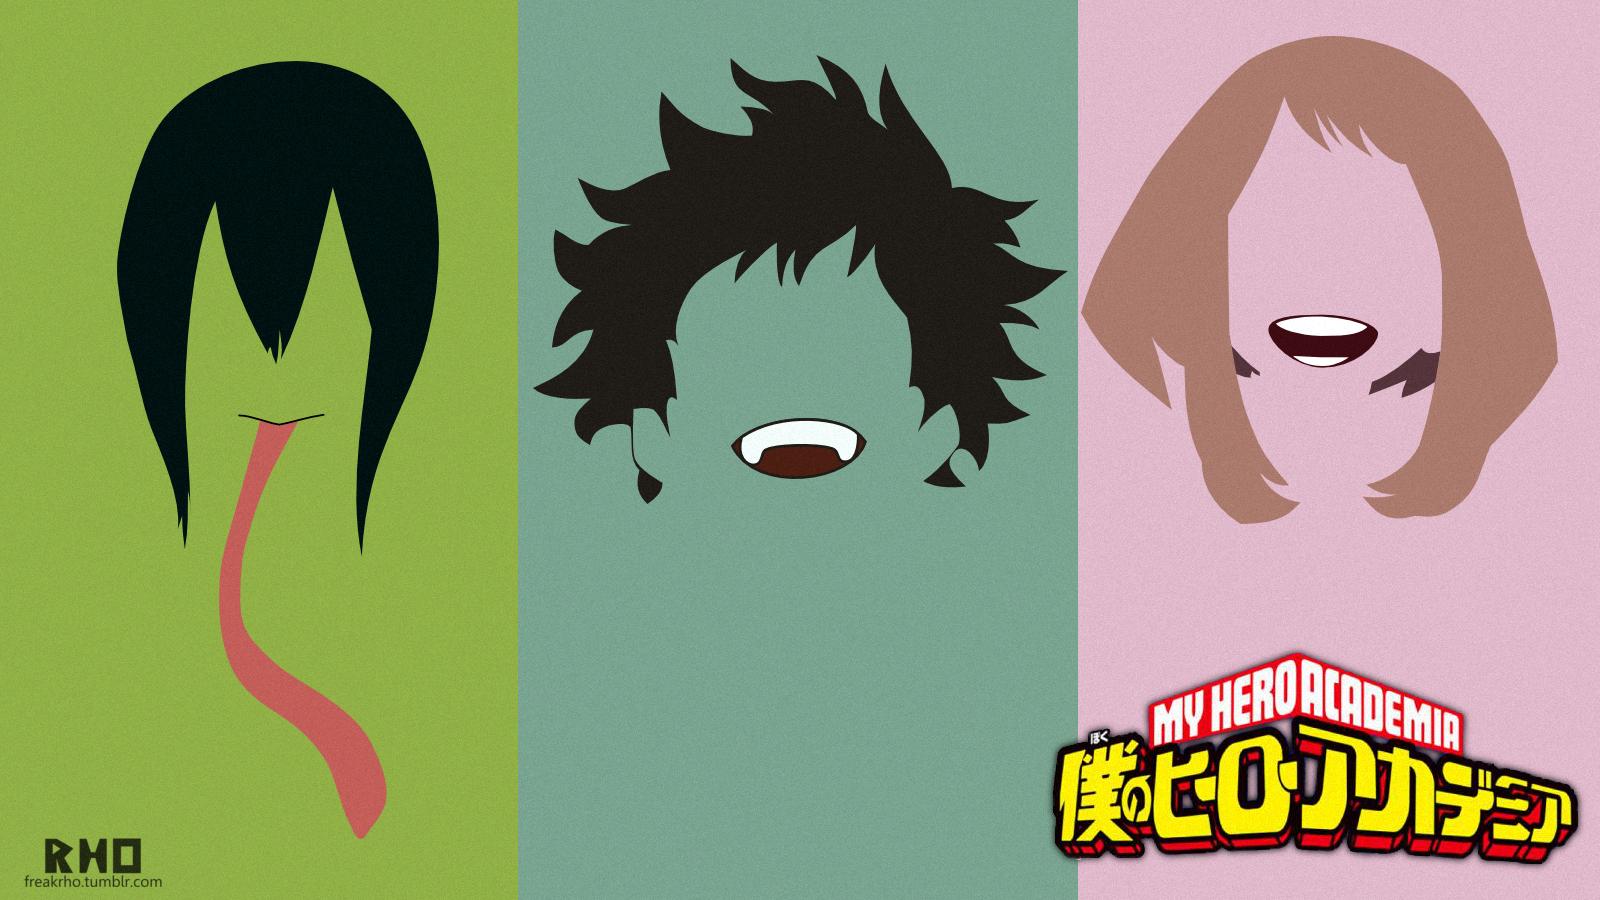 Hd wallpaper boku no hero academia -  Boku No Hero Academia Minimal Wallpaper By Freakrho